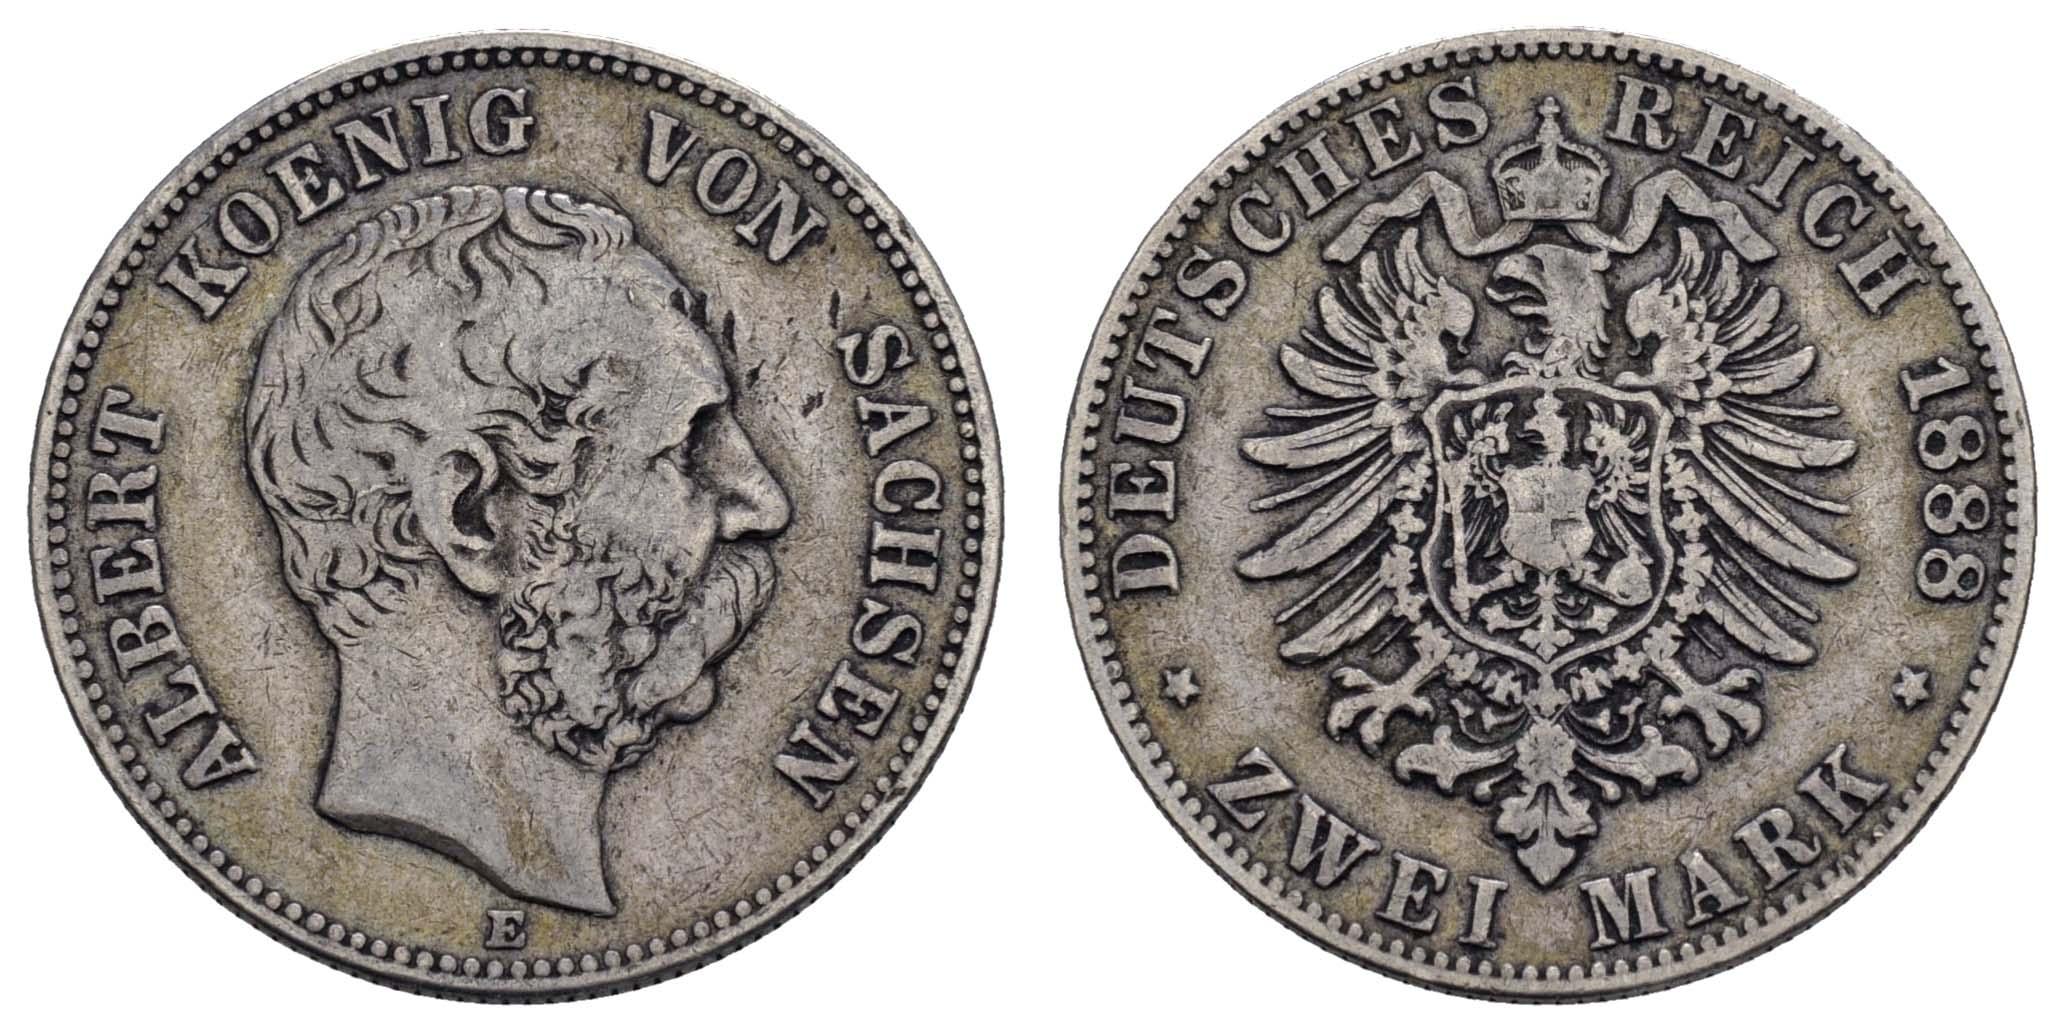 Lot 763 - deutschland Kaiserreich Silbermünzen - Sachsen -  Auktionshaus Ulrich Felzmann GmbH & Co. KG Coins single lots